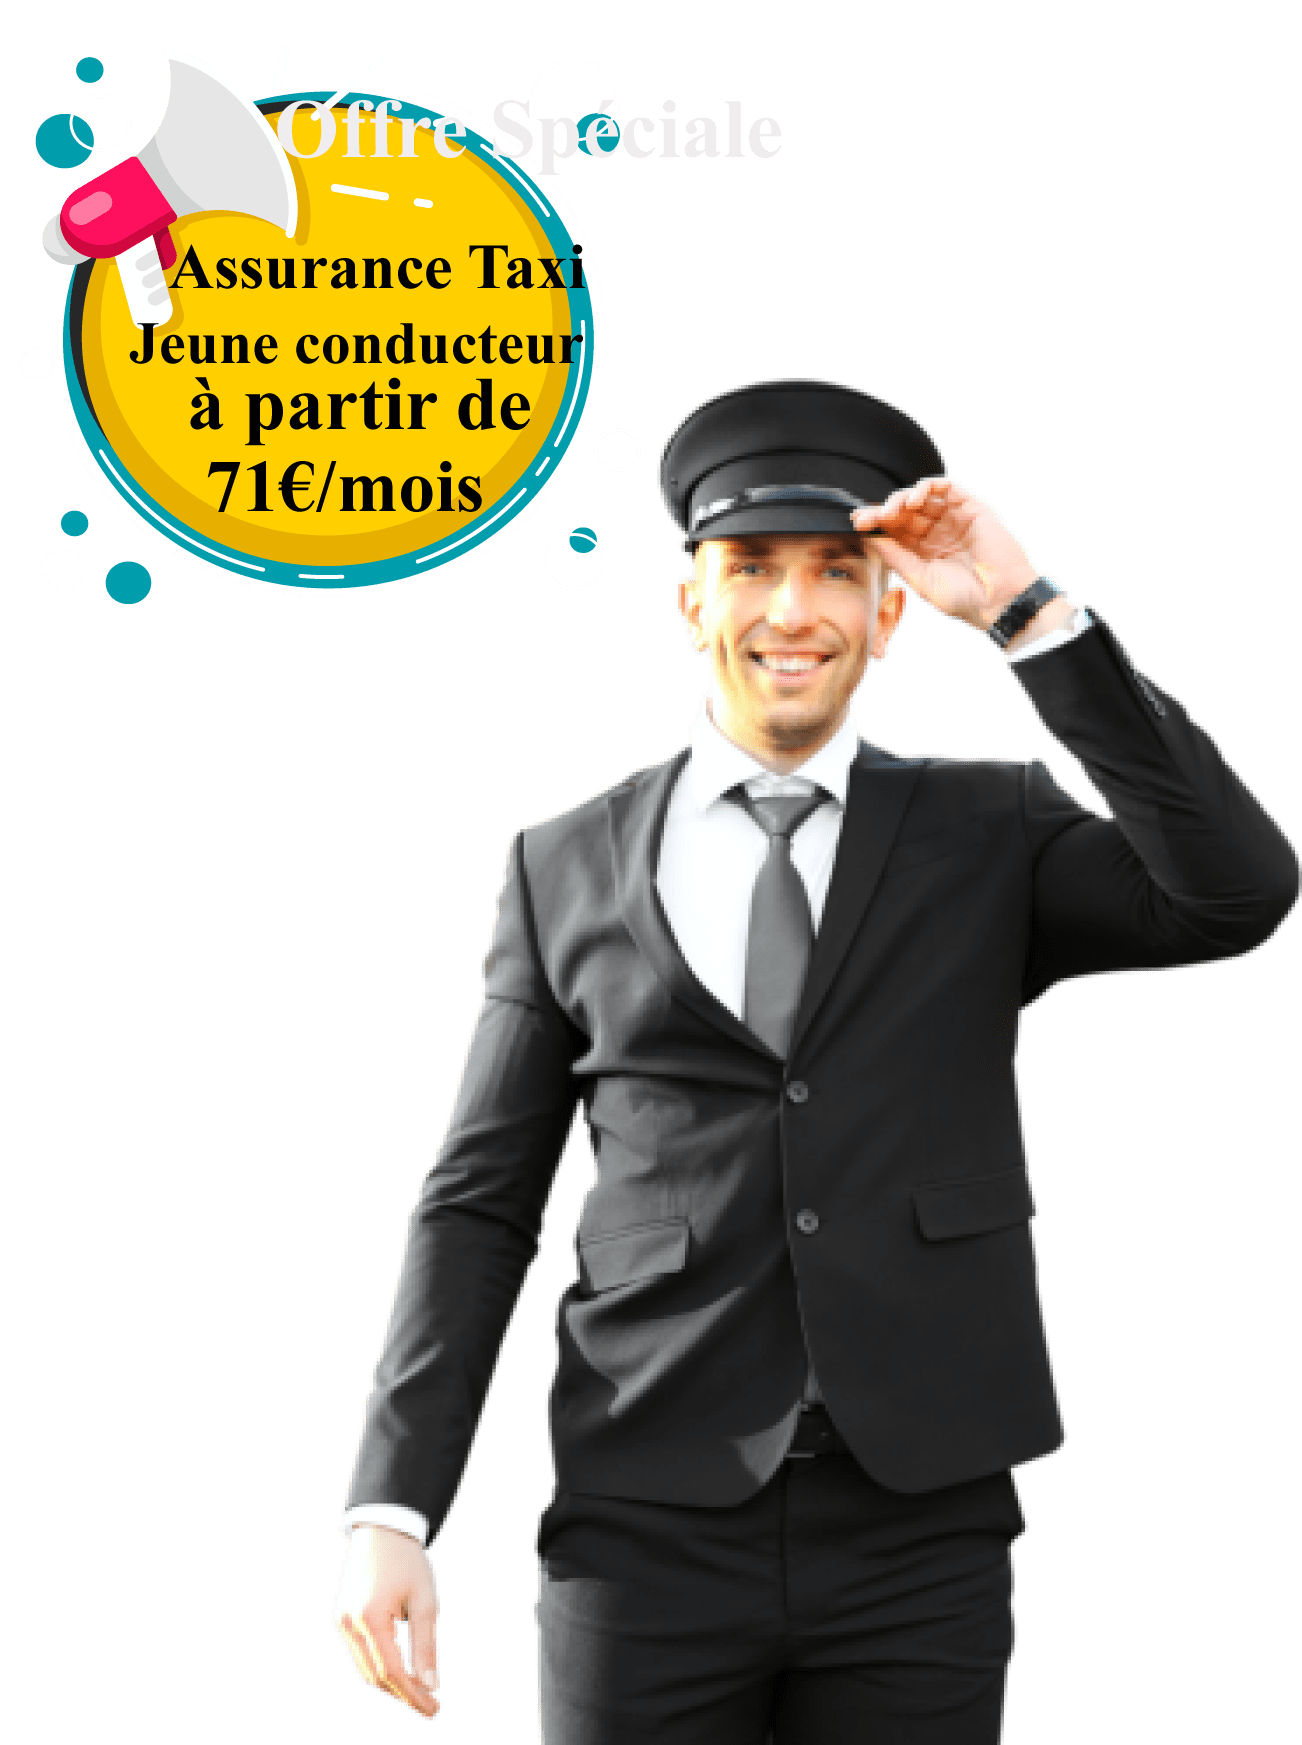 Assurance taxi jeune conducteur